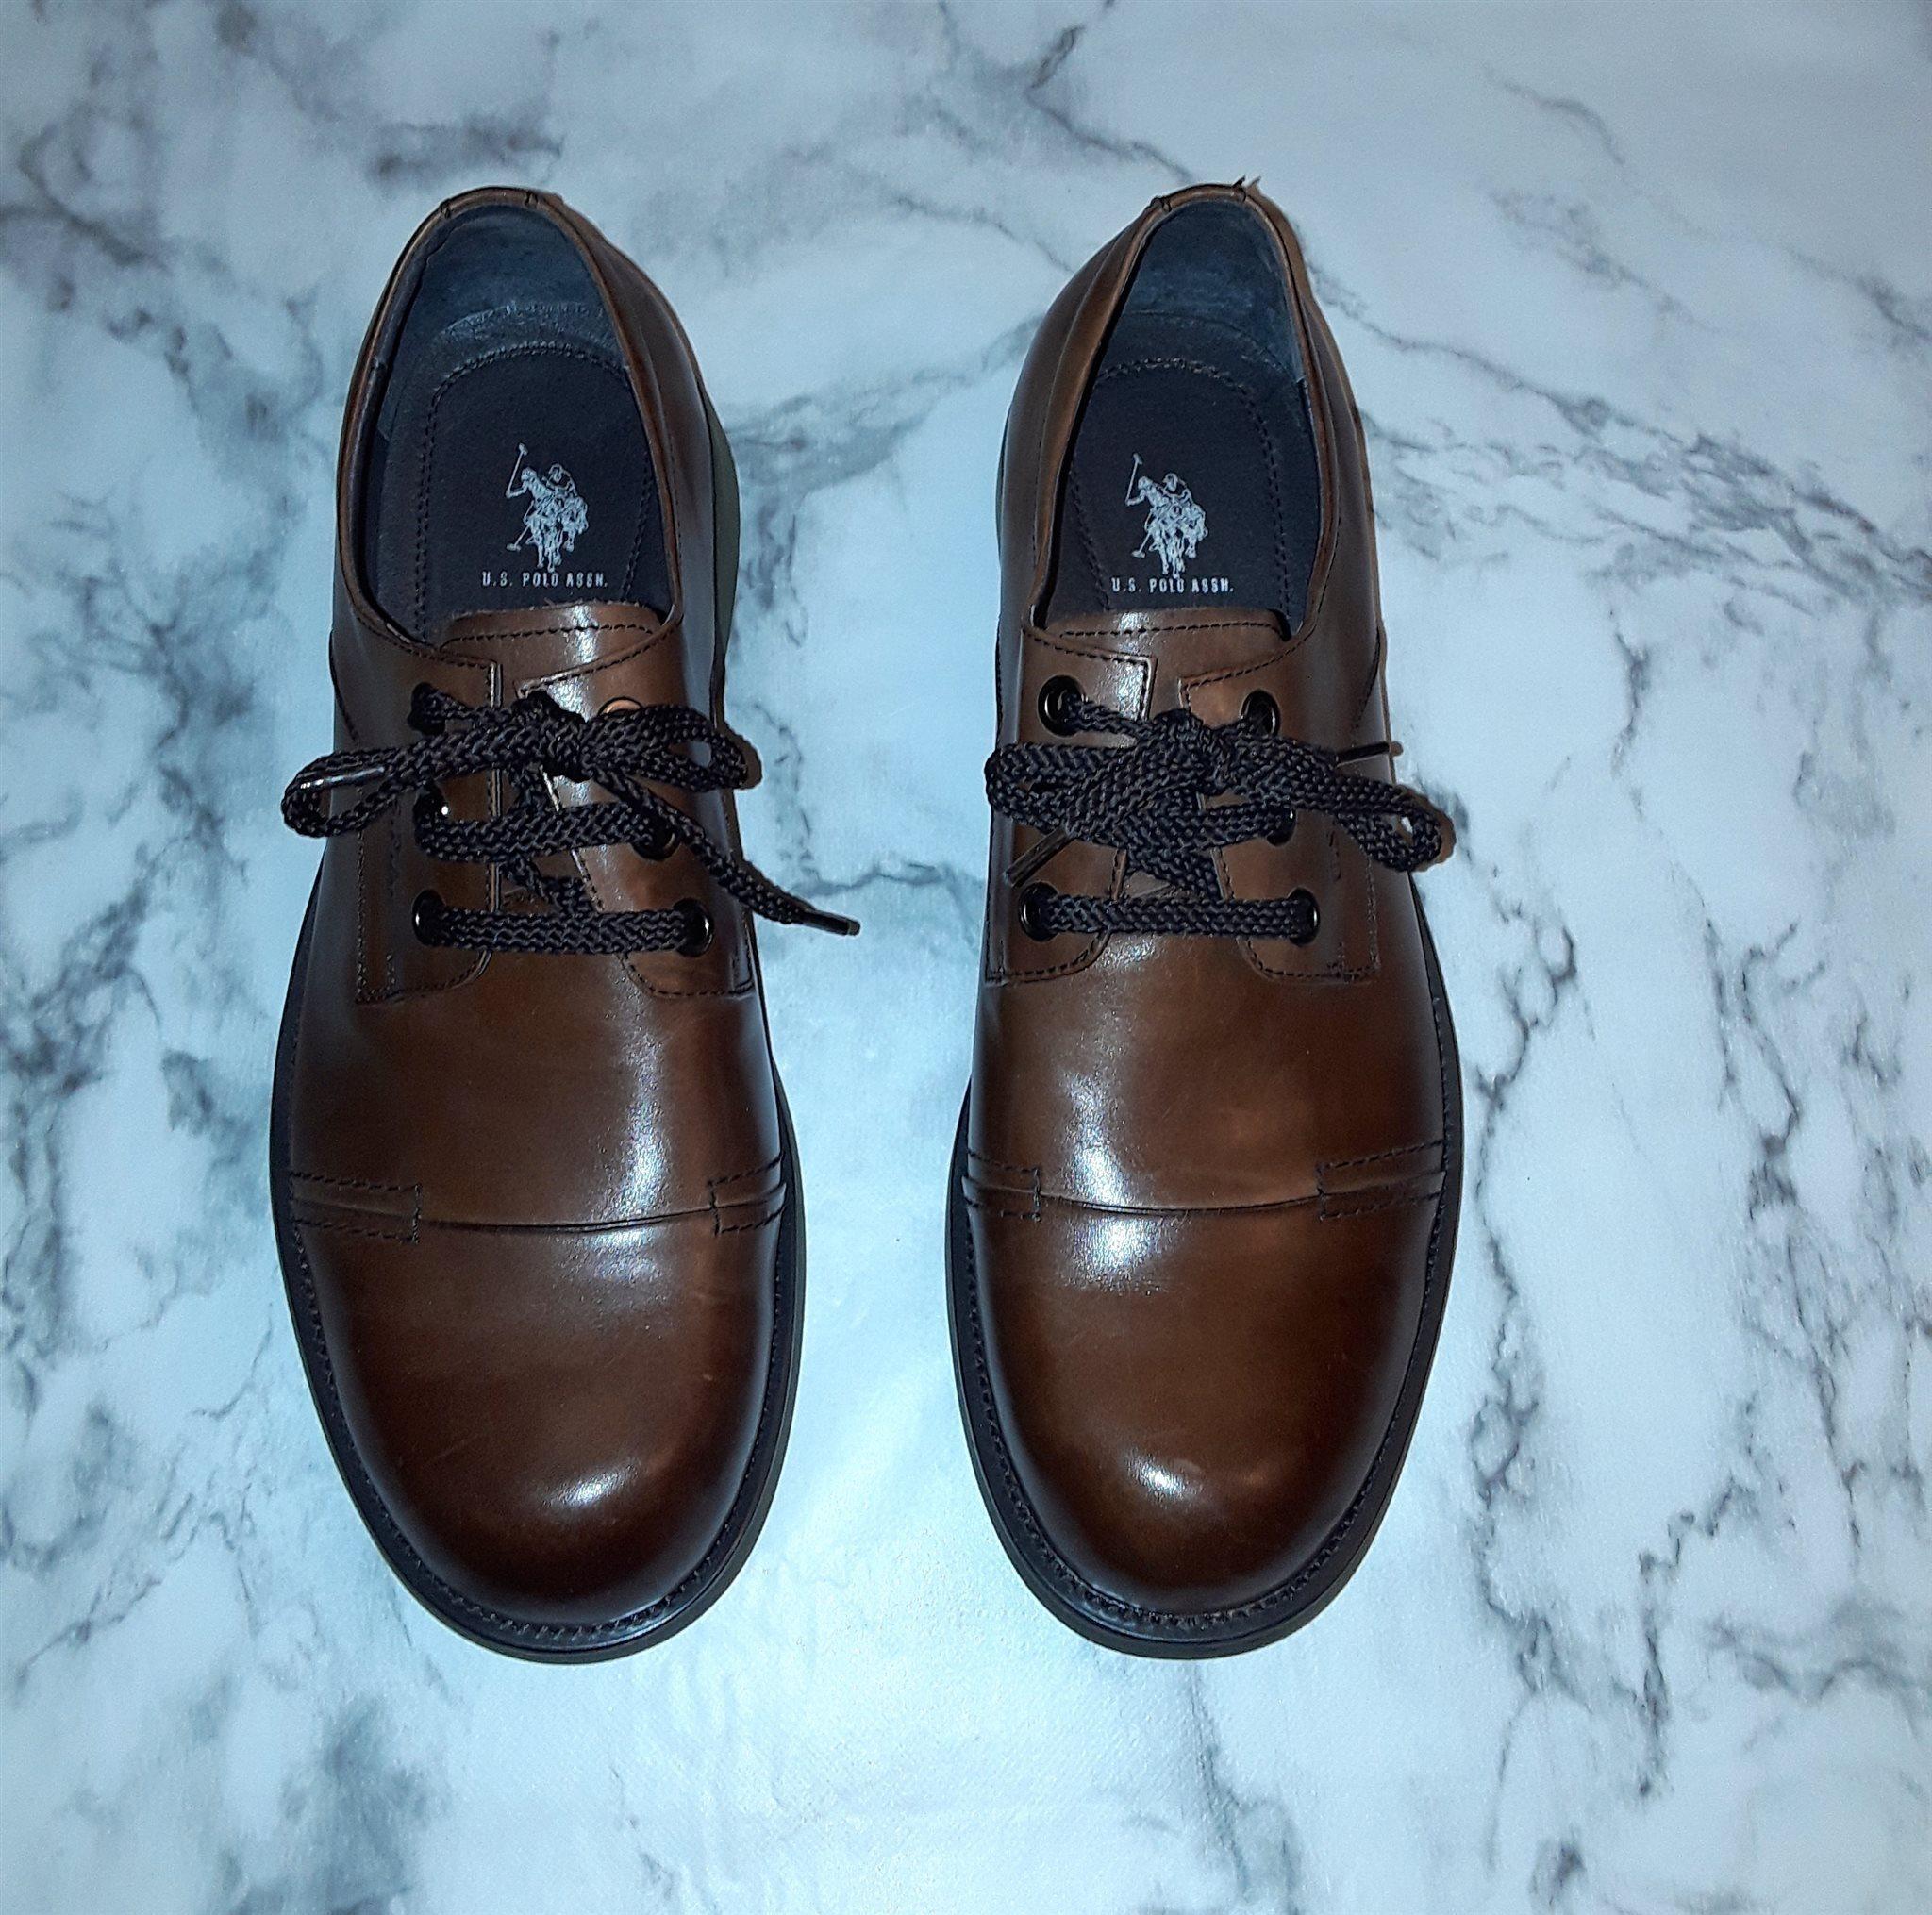 skor storlek 43